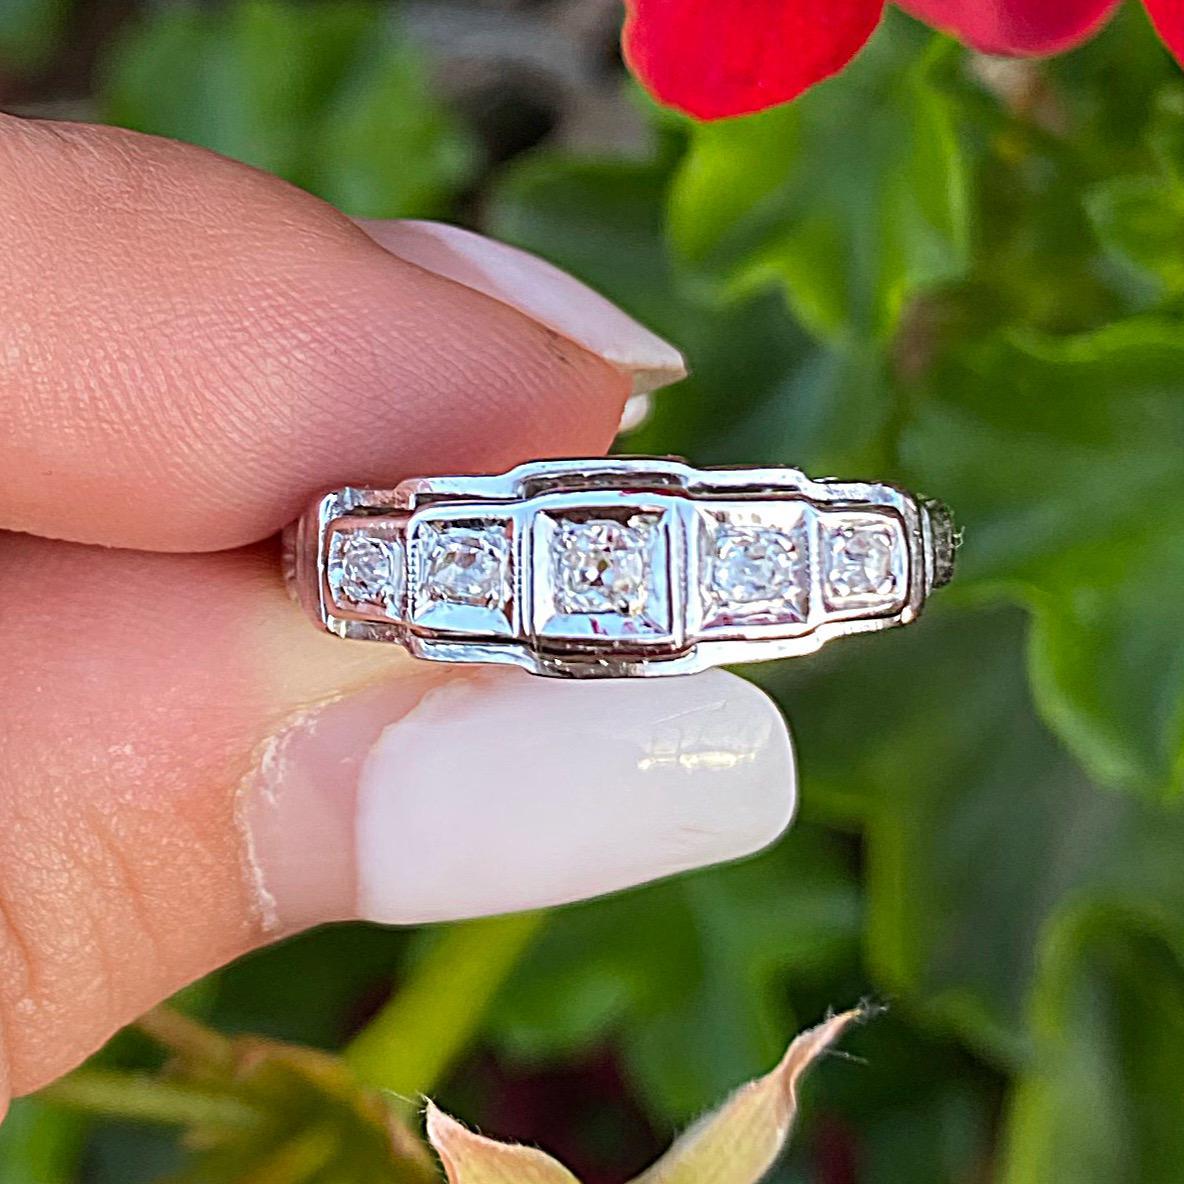 טבעת רטרו מרשימה, זהב 14k  עם יהלומים.